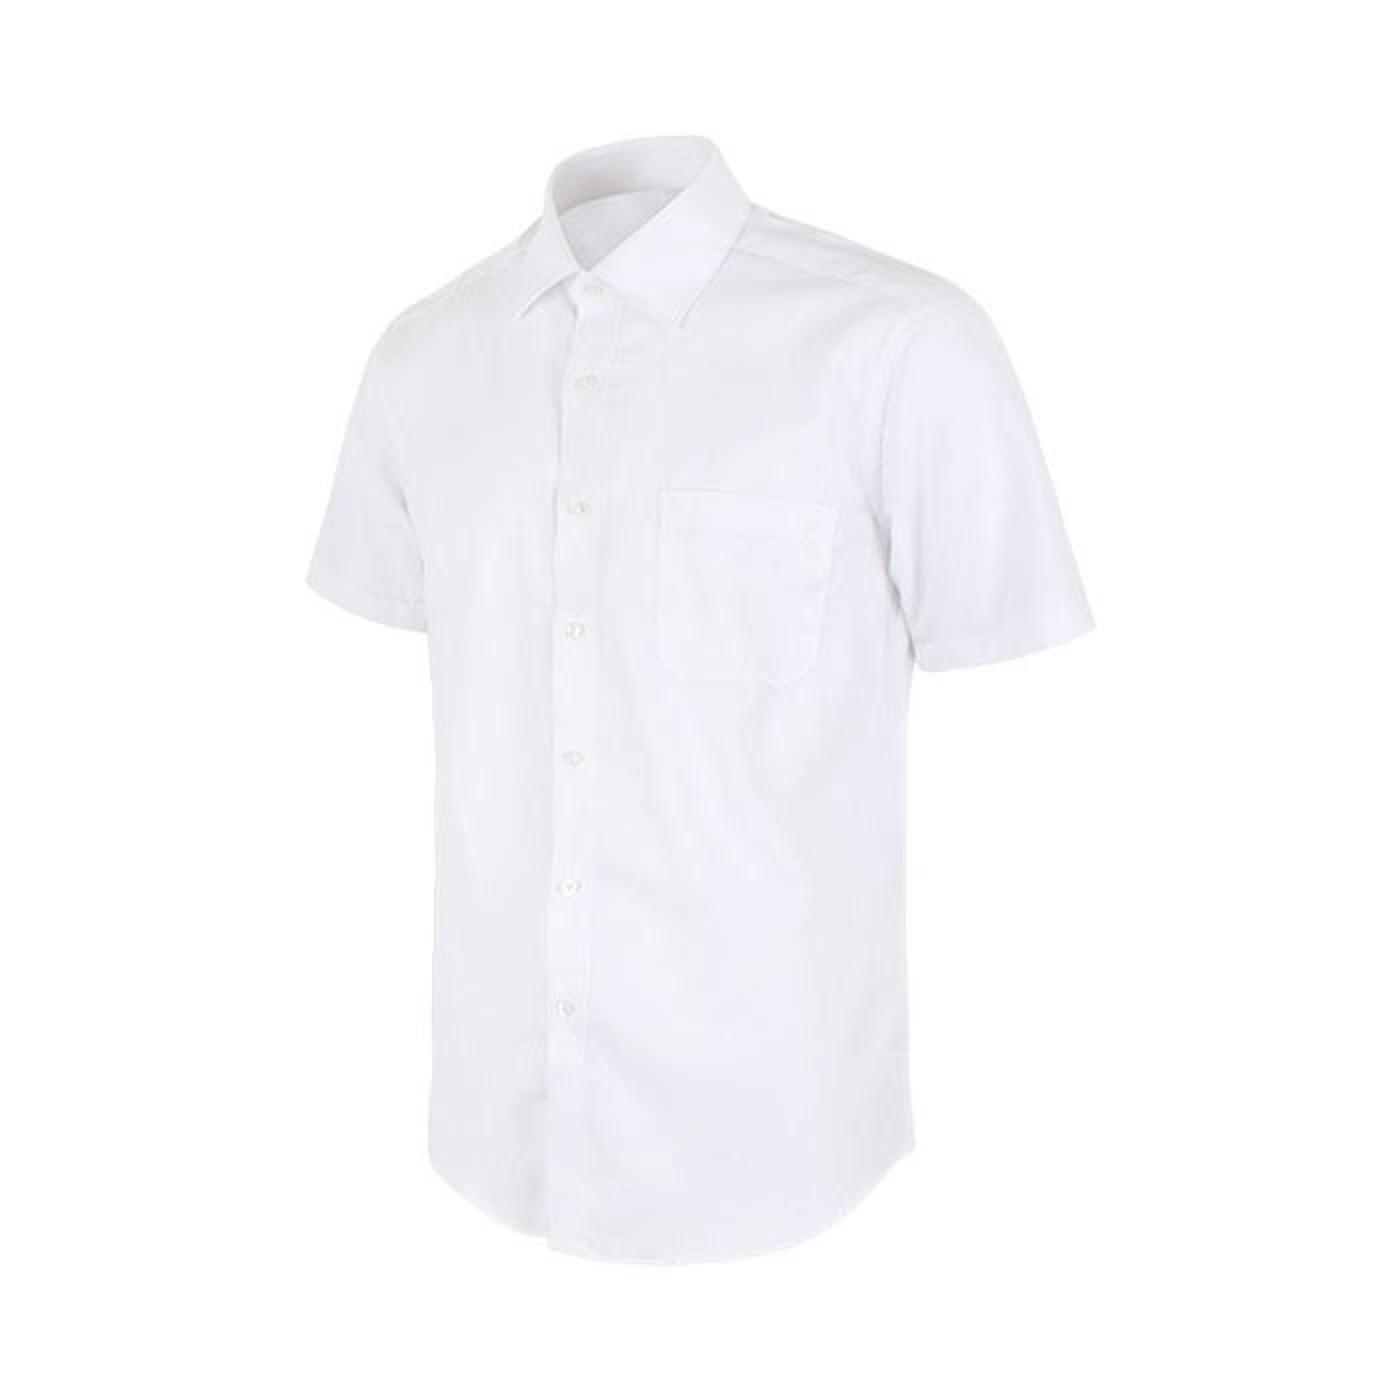 아인스 레귤러 DW41 반팔 패턴 셔츠 사선 화이트 여성숄더백